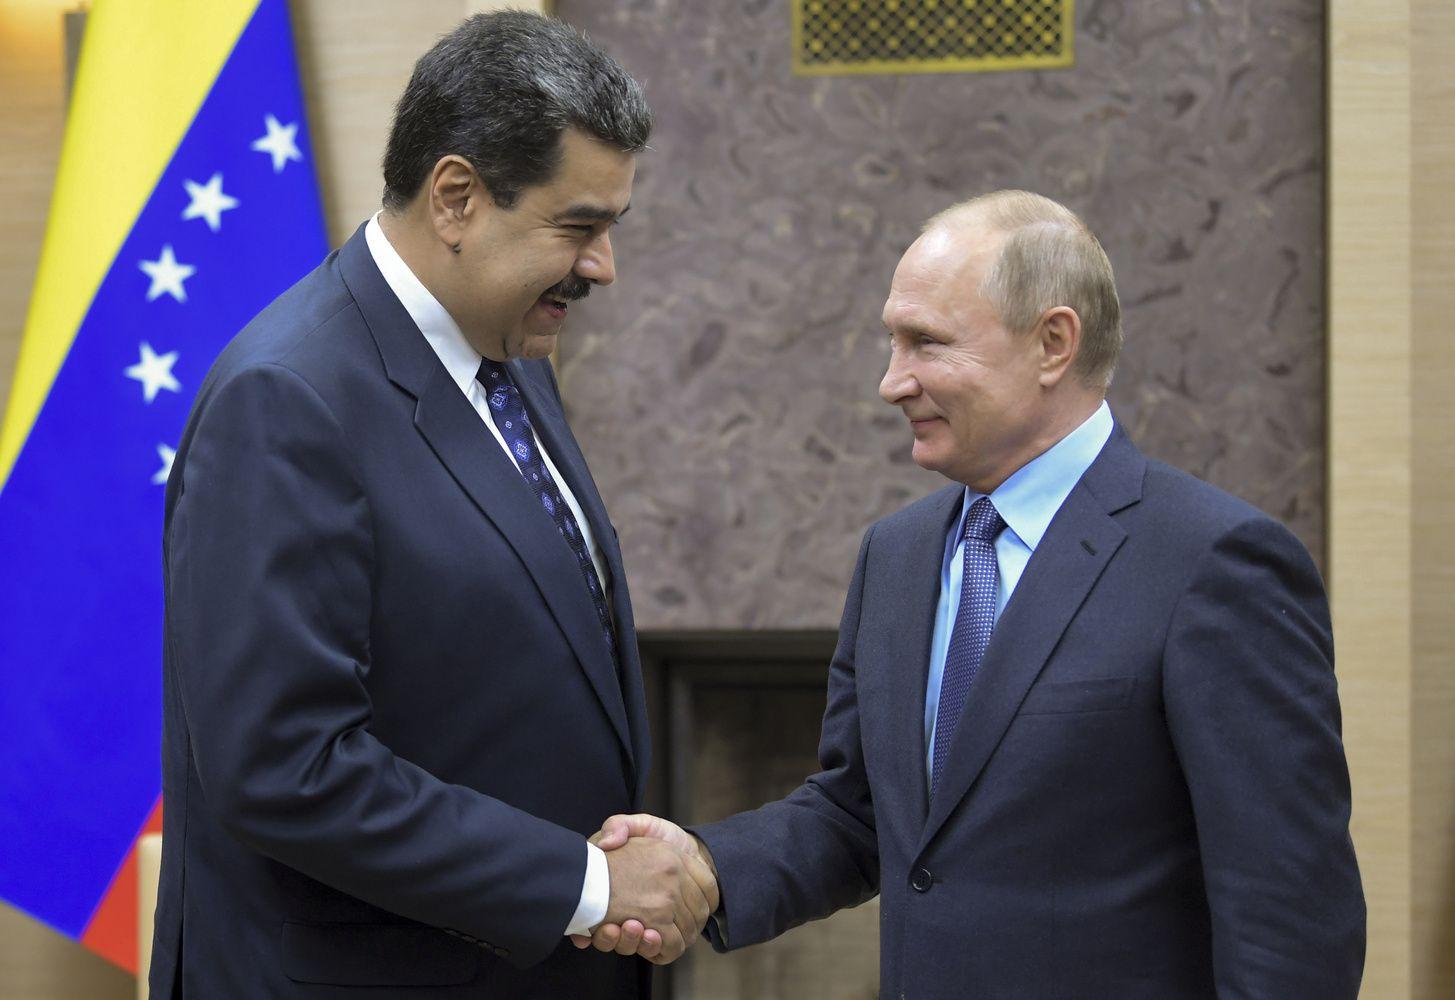 Rusijos ekonominiai lūkesčiai konfliktų šalyse: sėkmės perspektyva – miglota